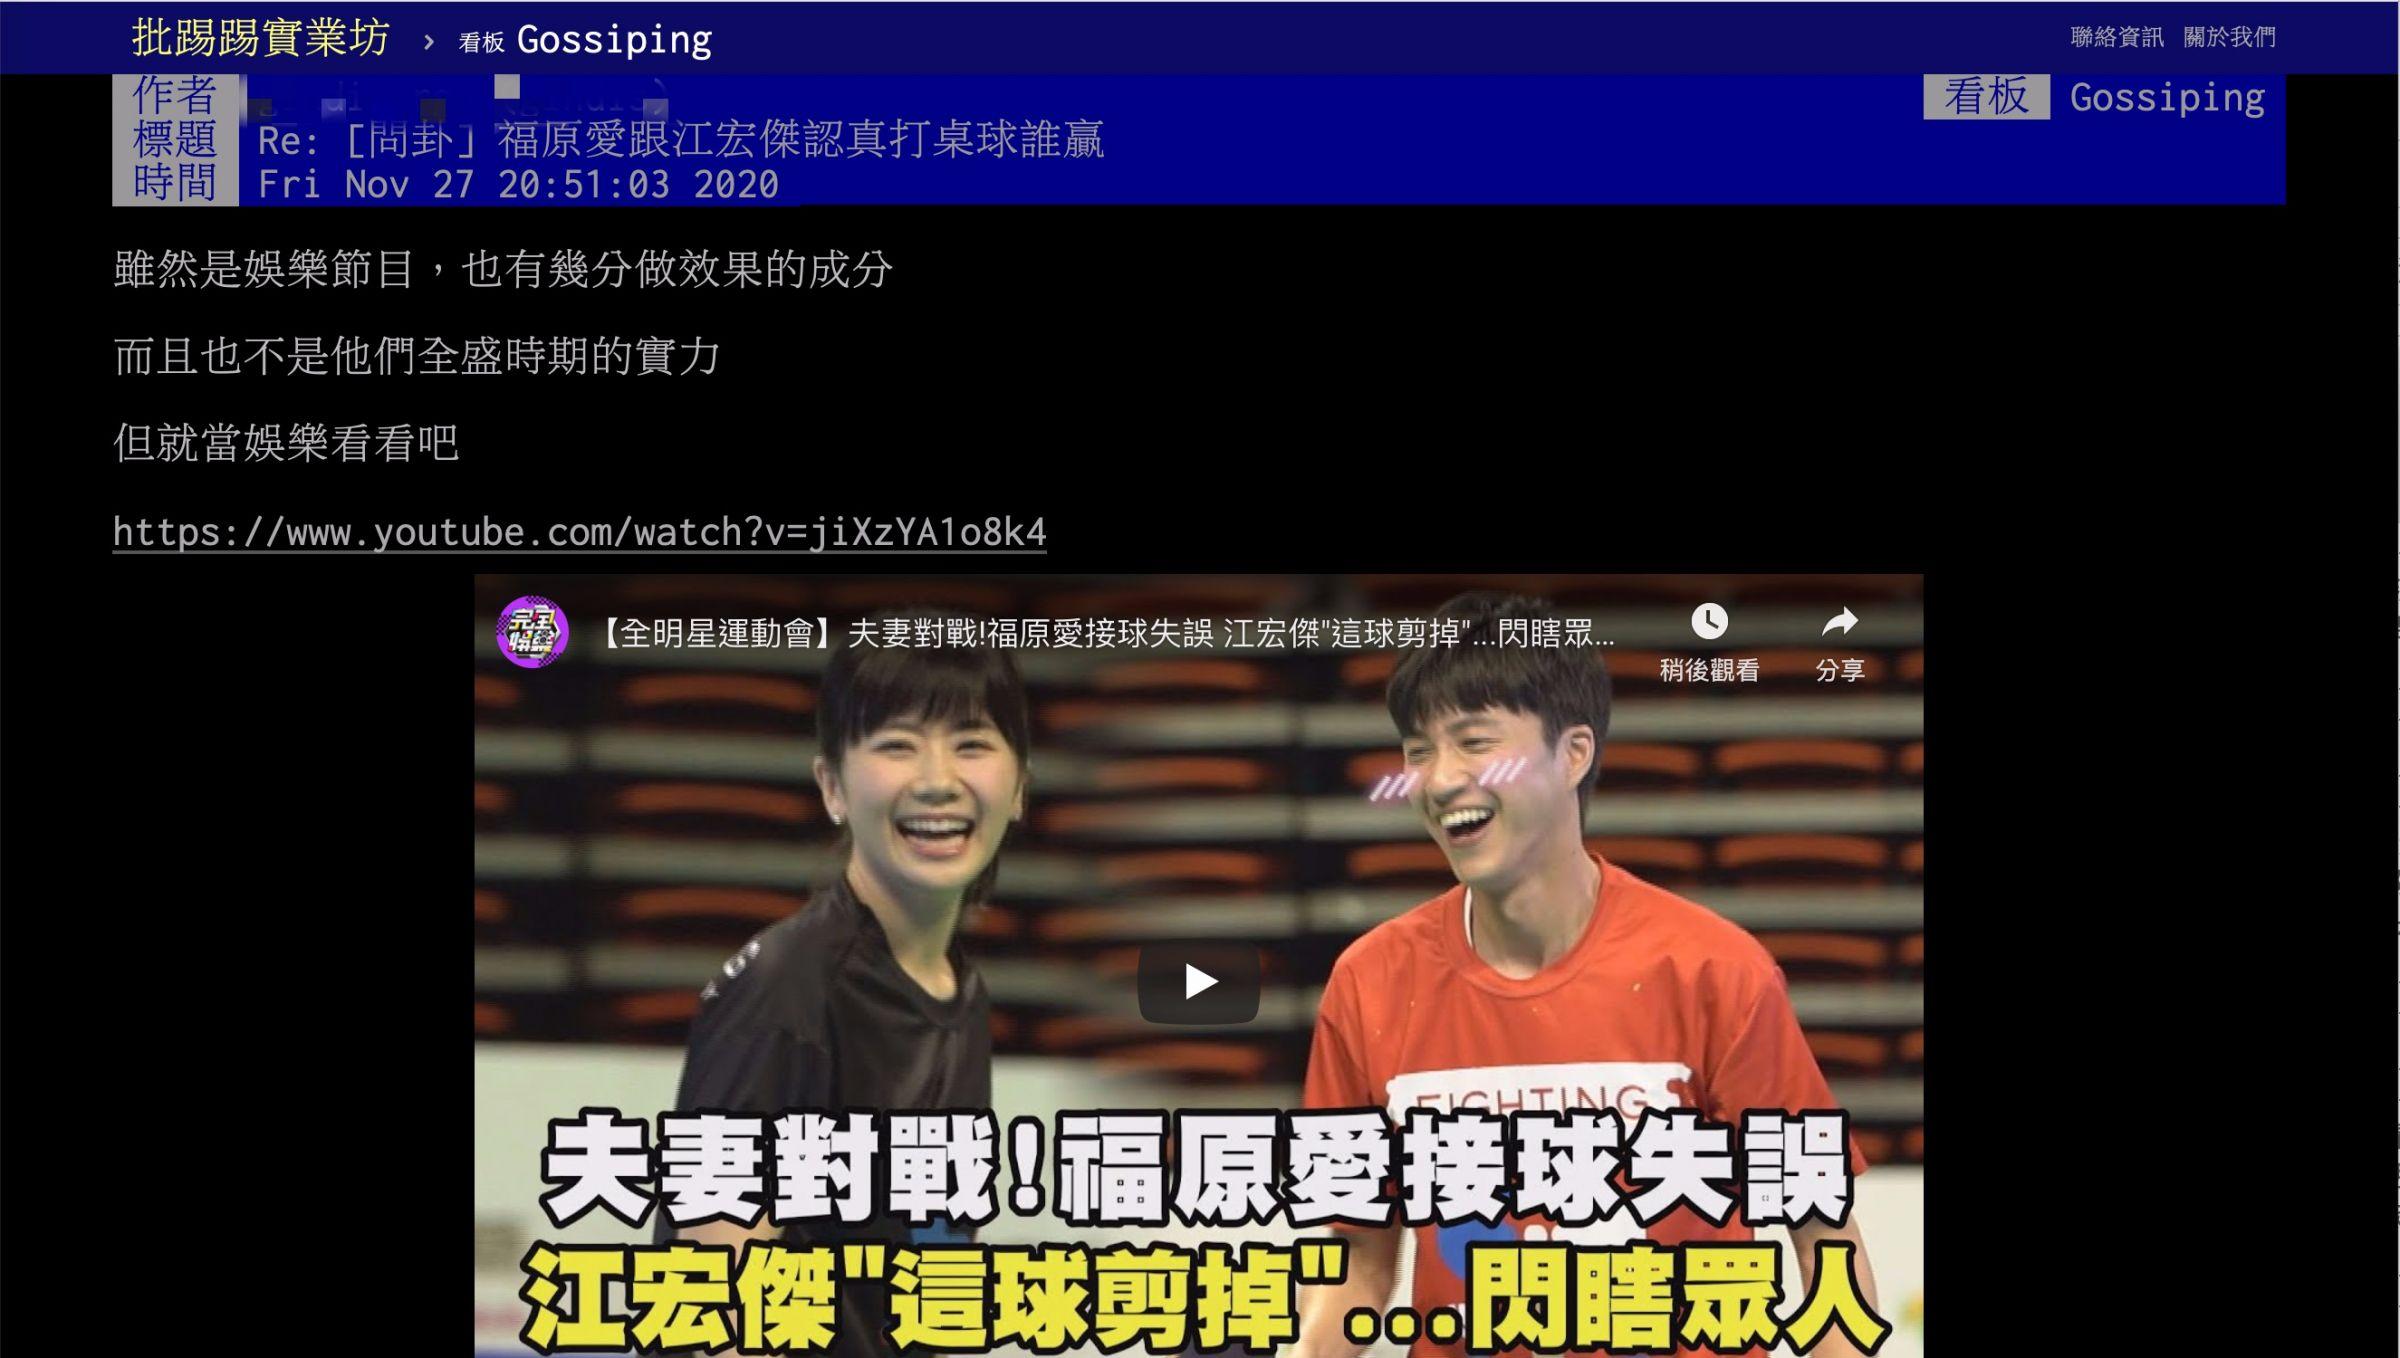 福原愛vs江宏傑!他問兩人「桌球誰贏?」 網分析:先天條件差太多不能比